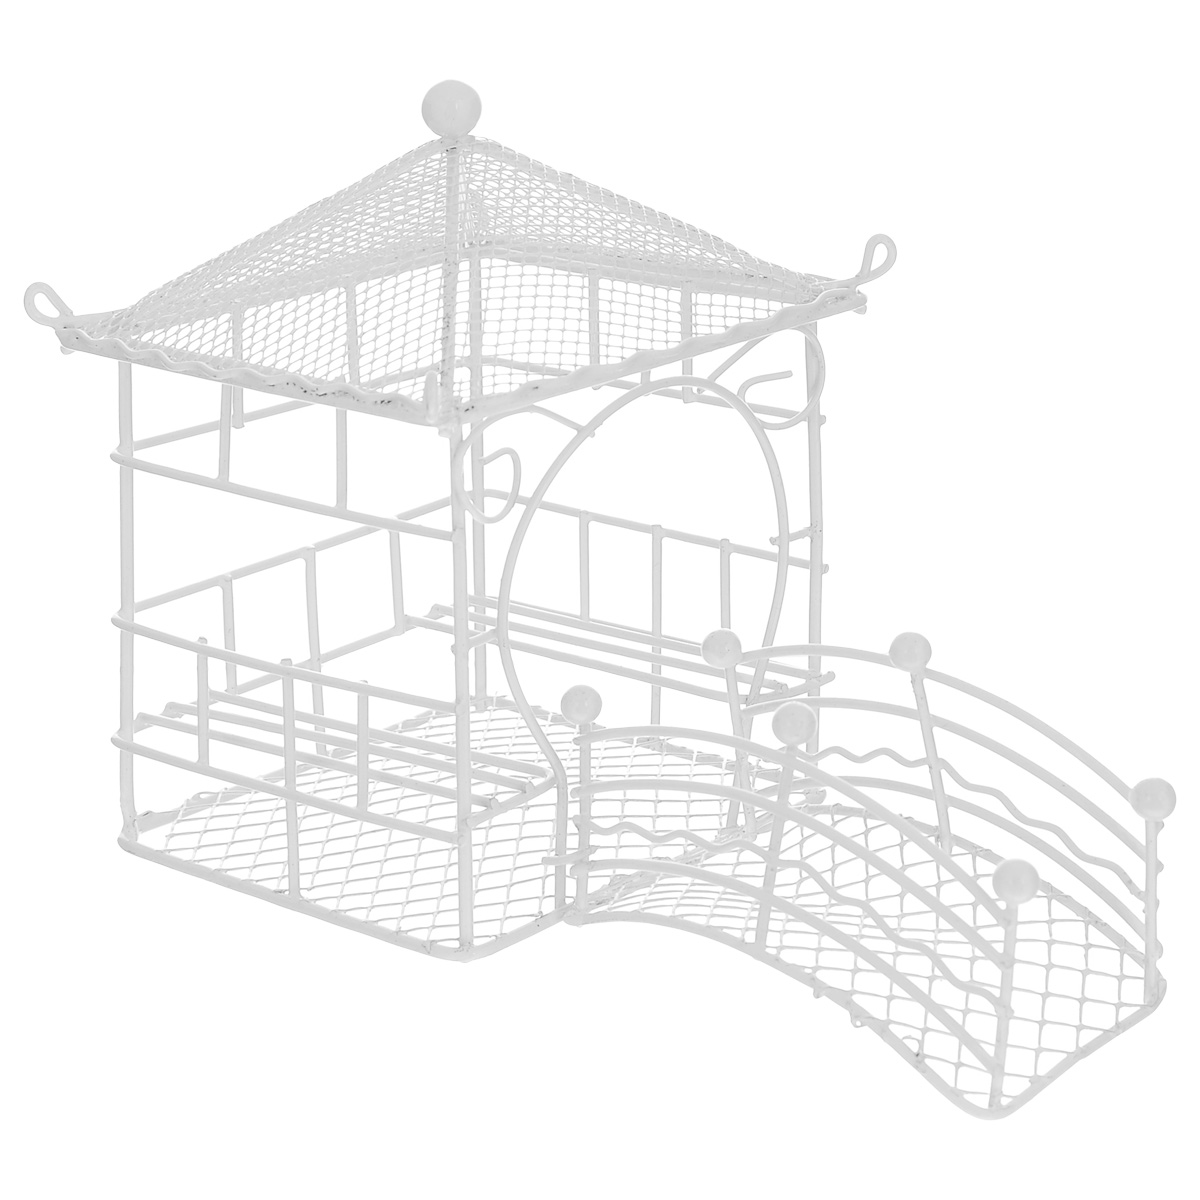 Беседка декоративная ScrapBerrys с мостиком, цвет: белый, 16 см х 9,5 см х 12 смSCB271002Декоративная беседка ScrapBerrys изготовлена из высококачественного металла. Изделие оснащено мостиком и украшено изящными коваными завитушками. Такая беседка предназначена для скрапбукинга (для флористики), также она подойдет для декора интерьера дома или офиса. Кроме того - это отличный вариант подарка для ваших близких и друзей. Размер беседки: 16 см х 9,5 см х 12 см.